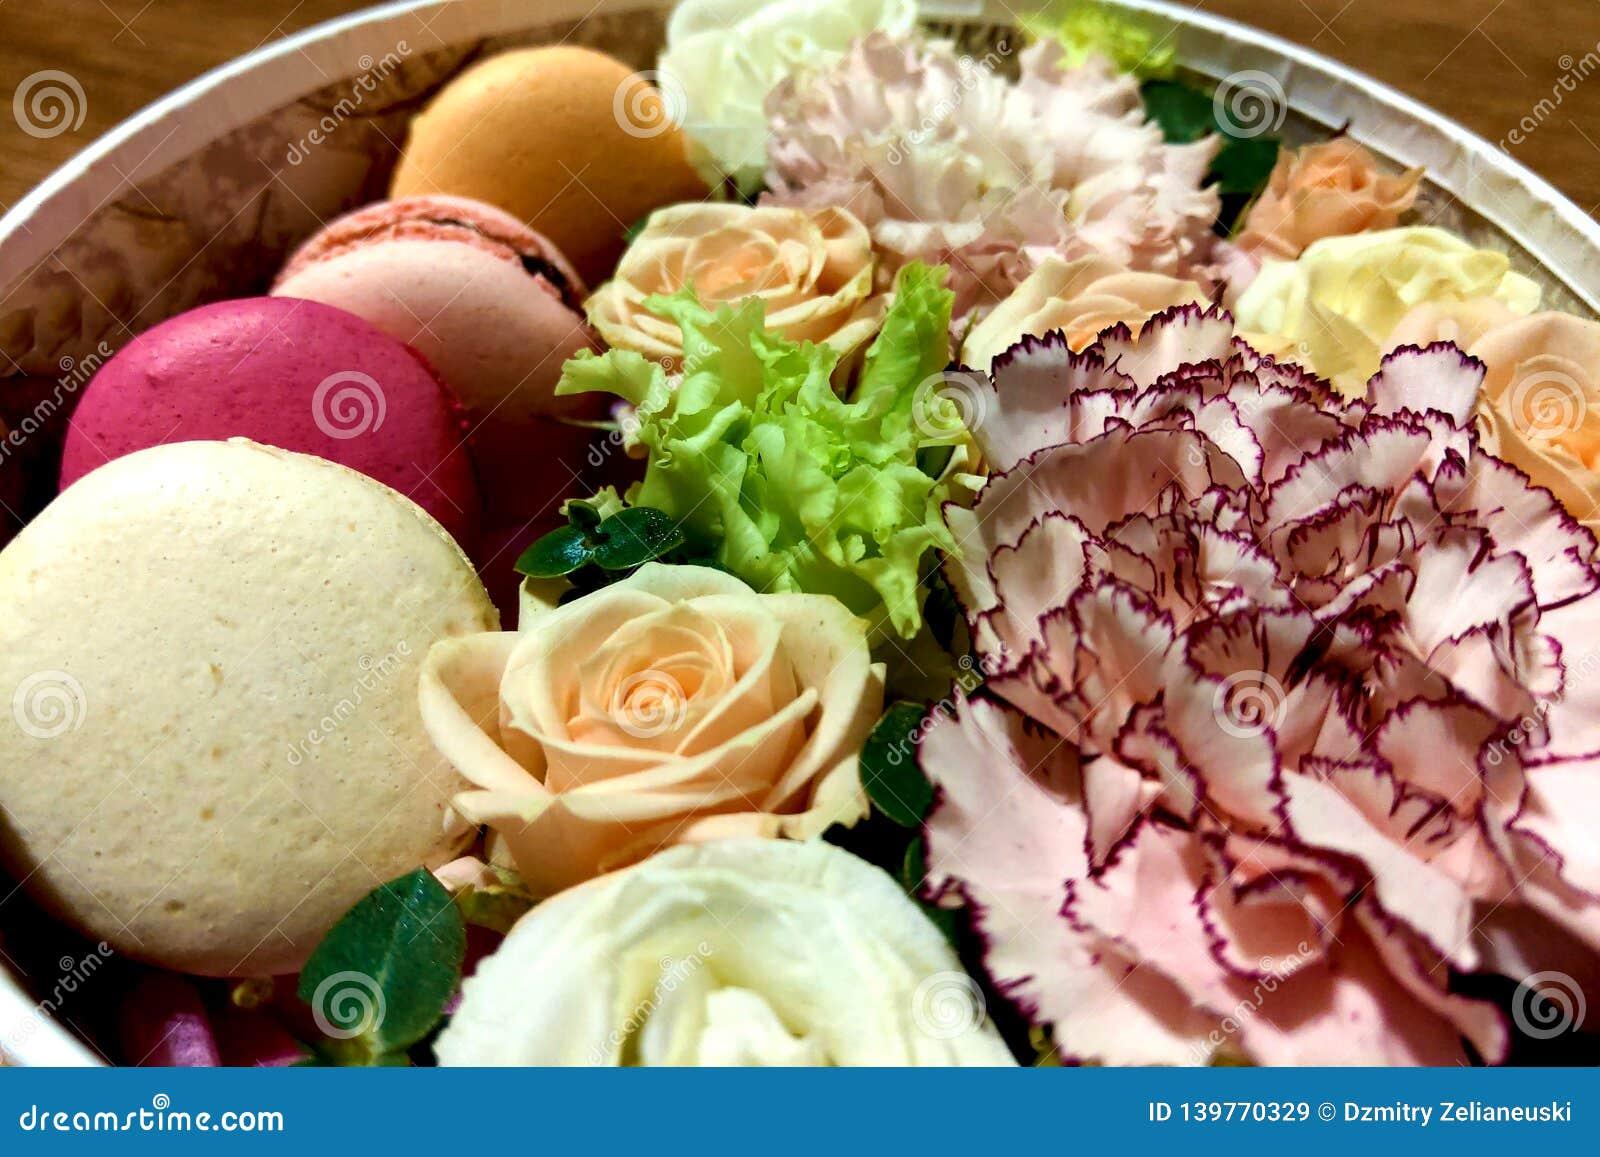 Biscuits colorés délicieux de macarons dans un boîte-cadeau avec le bouquet de floraison de fleur des roses, mattiola, oeillets